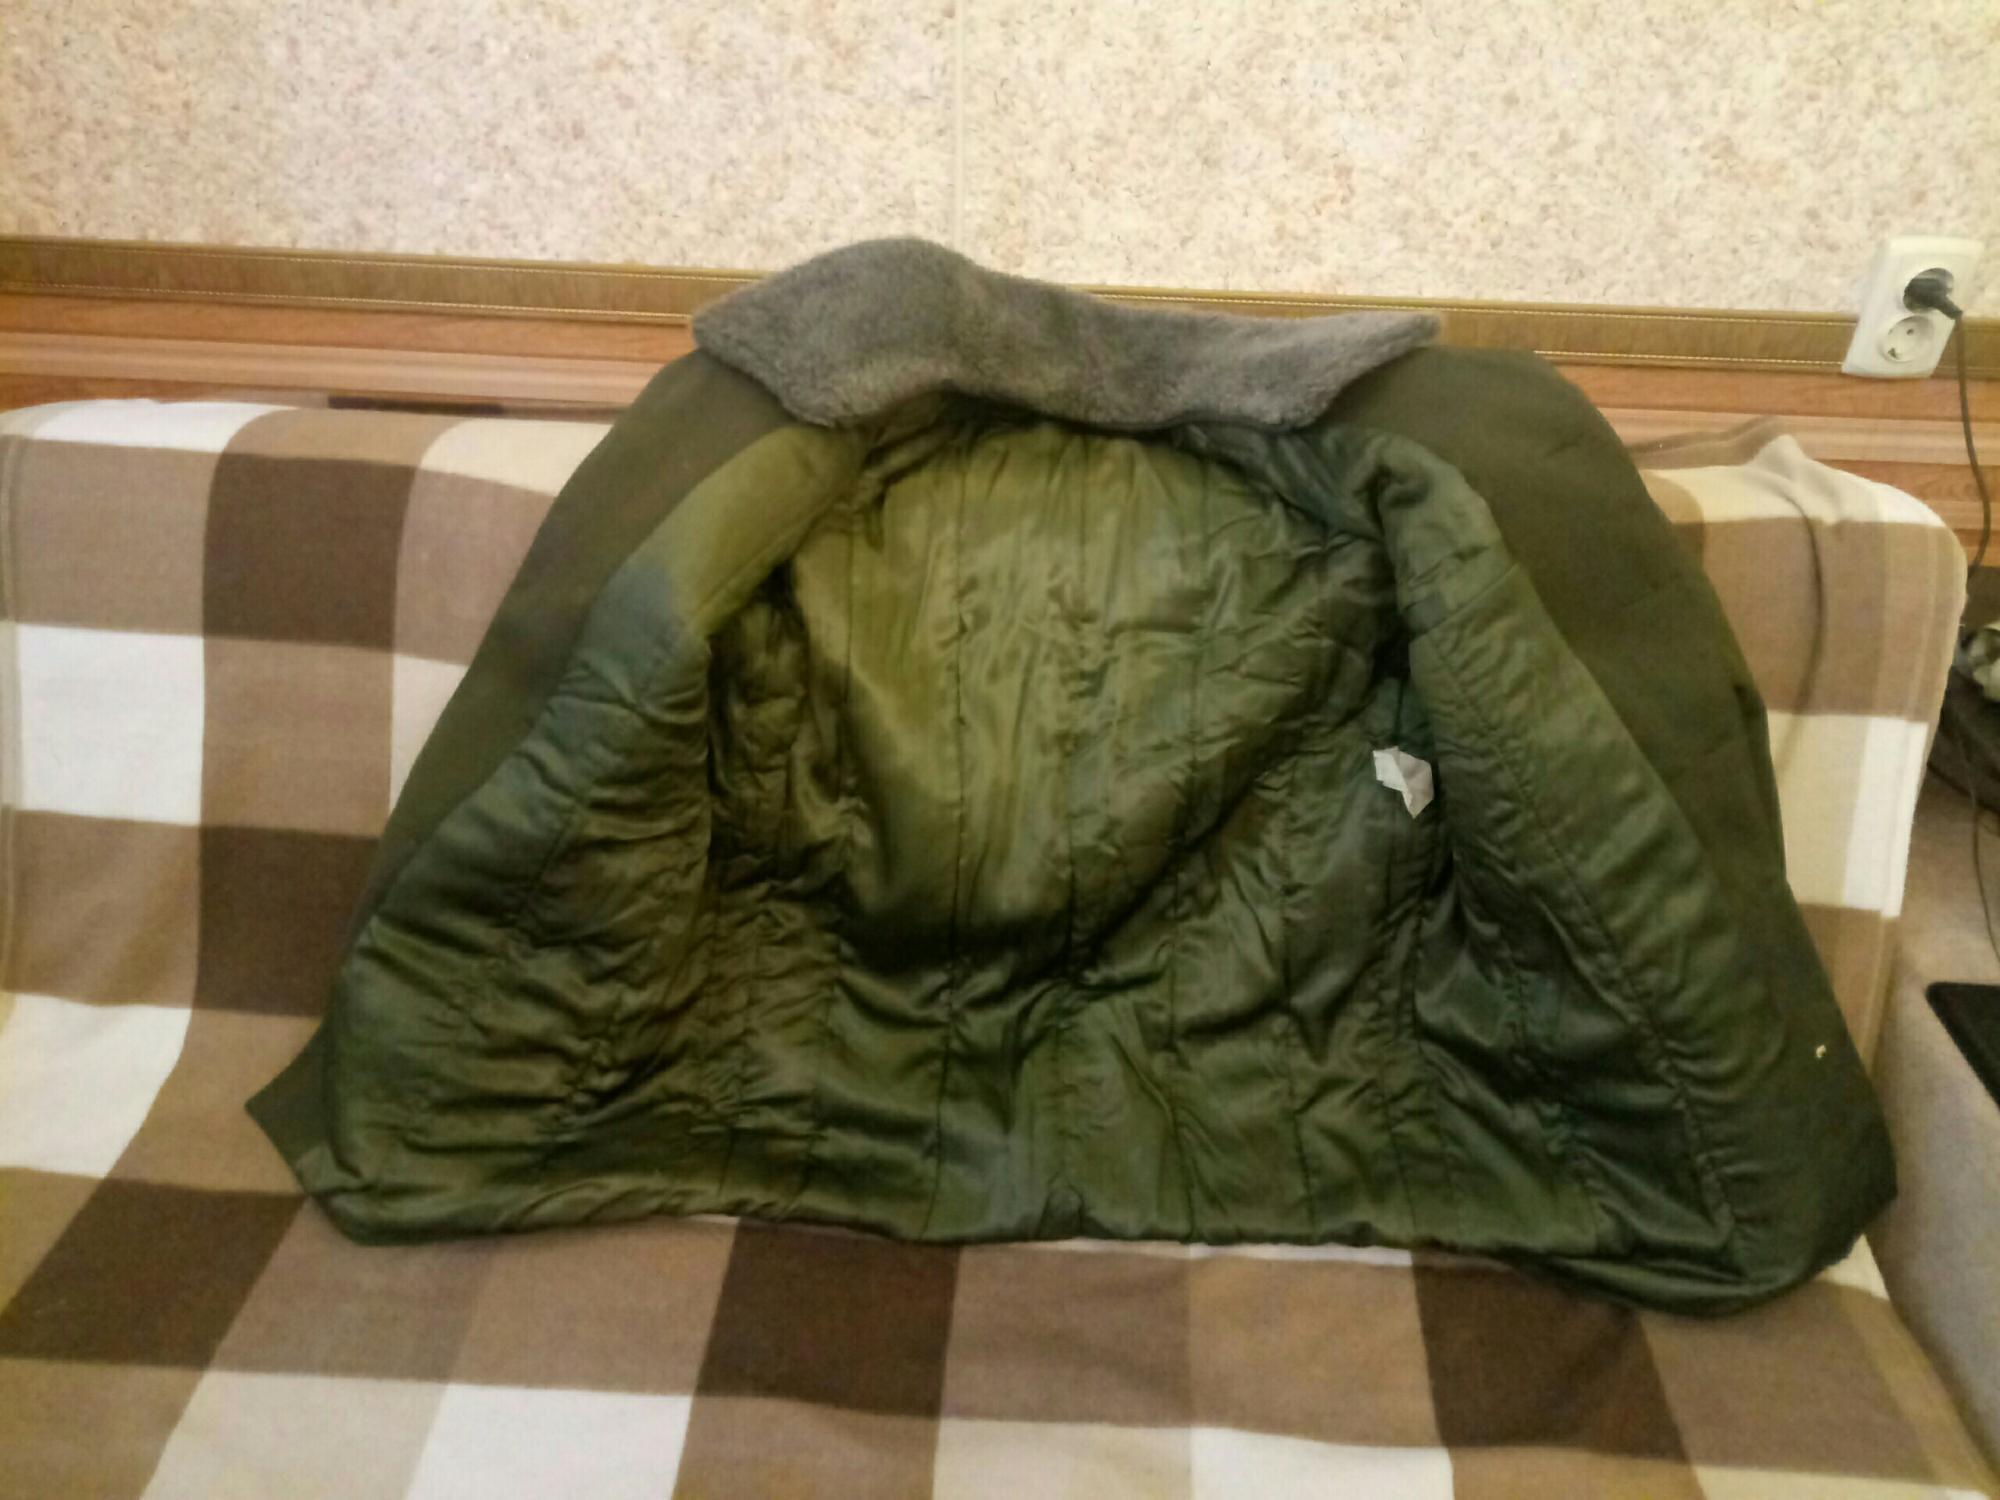 Куртка (полупальто) зимняя военная в Троицке 89055886677 купить 3